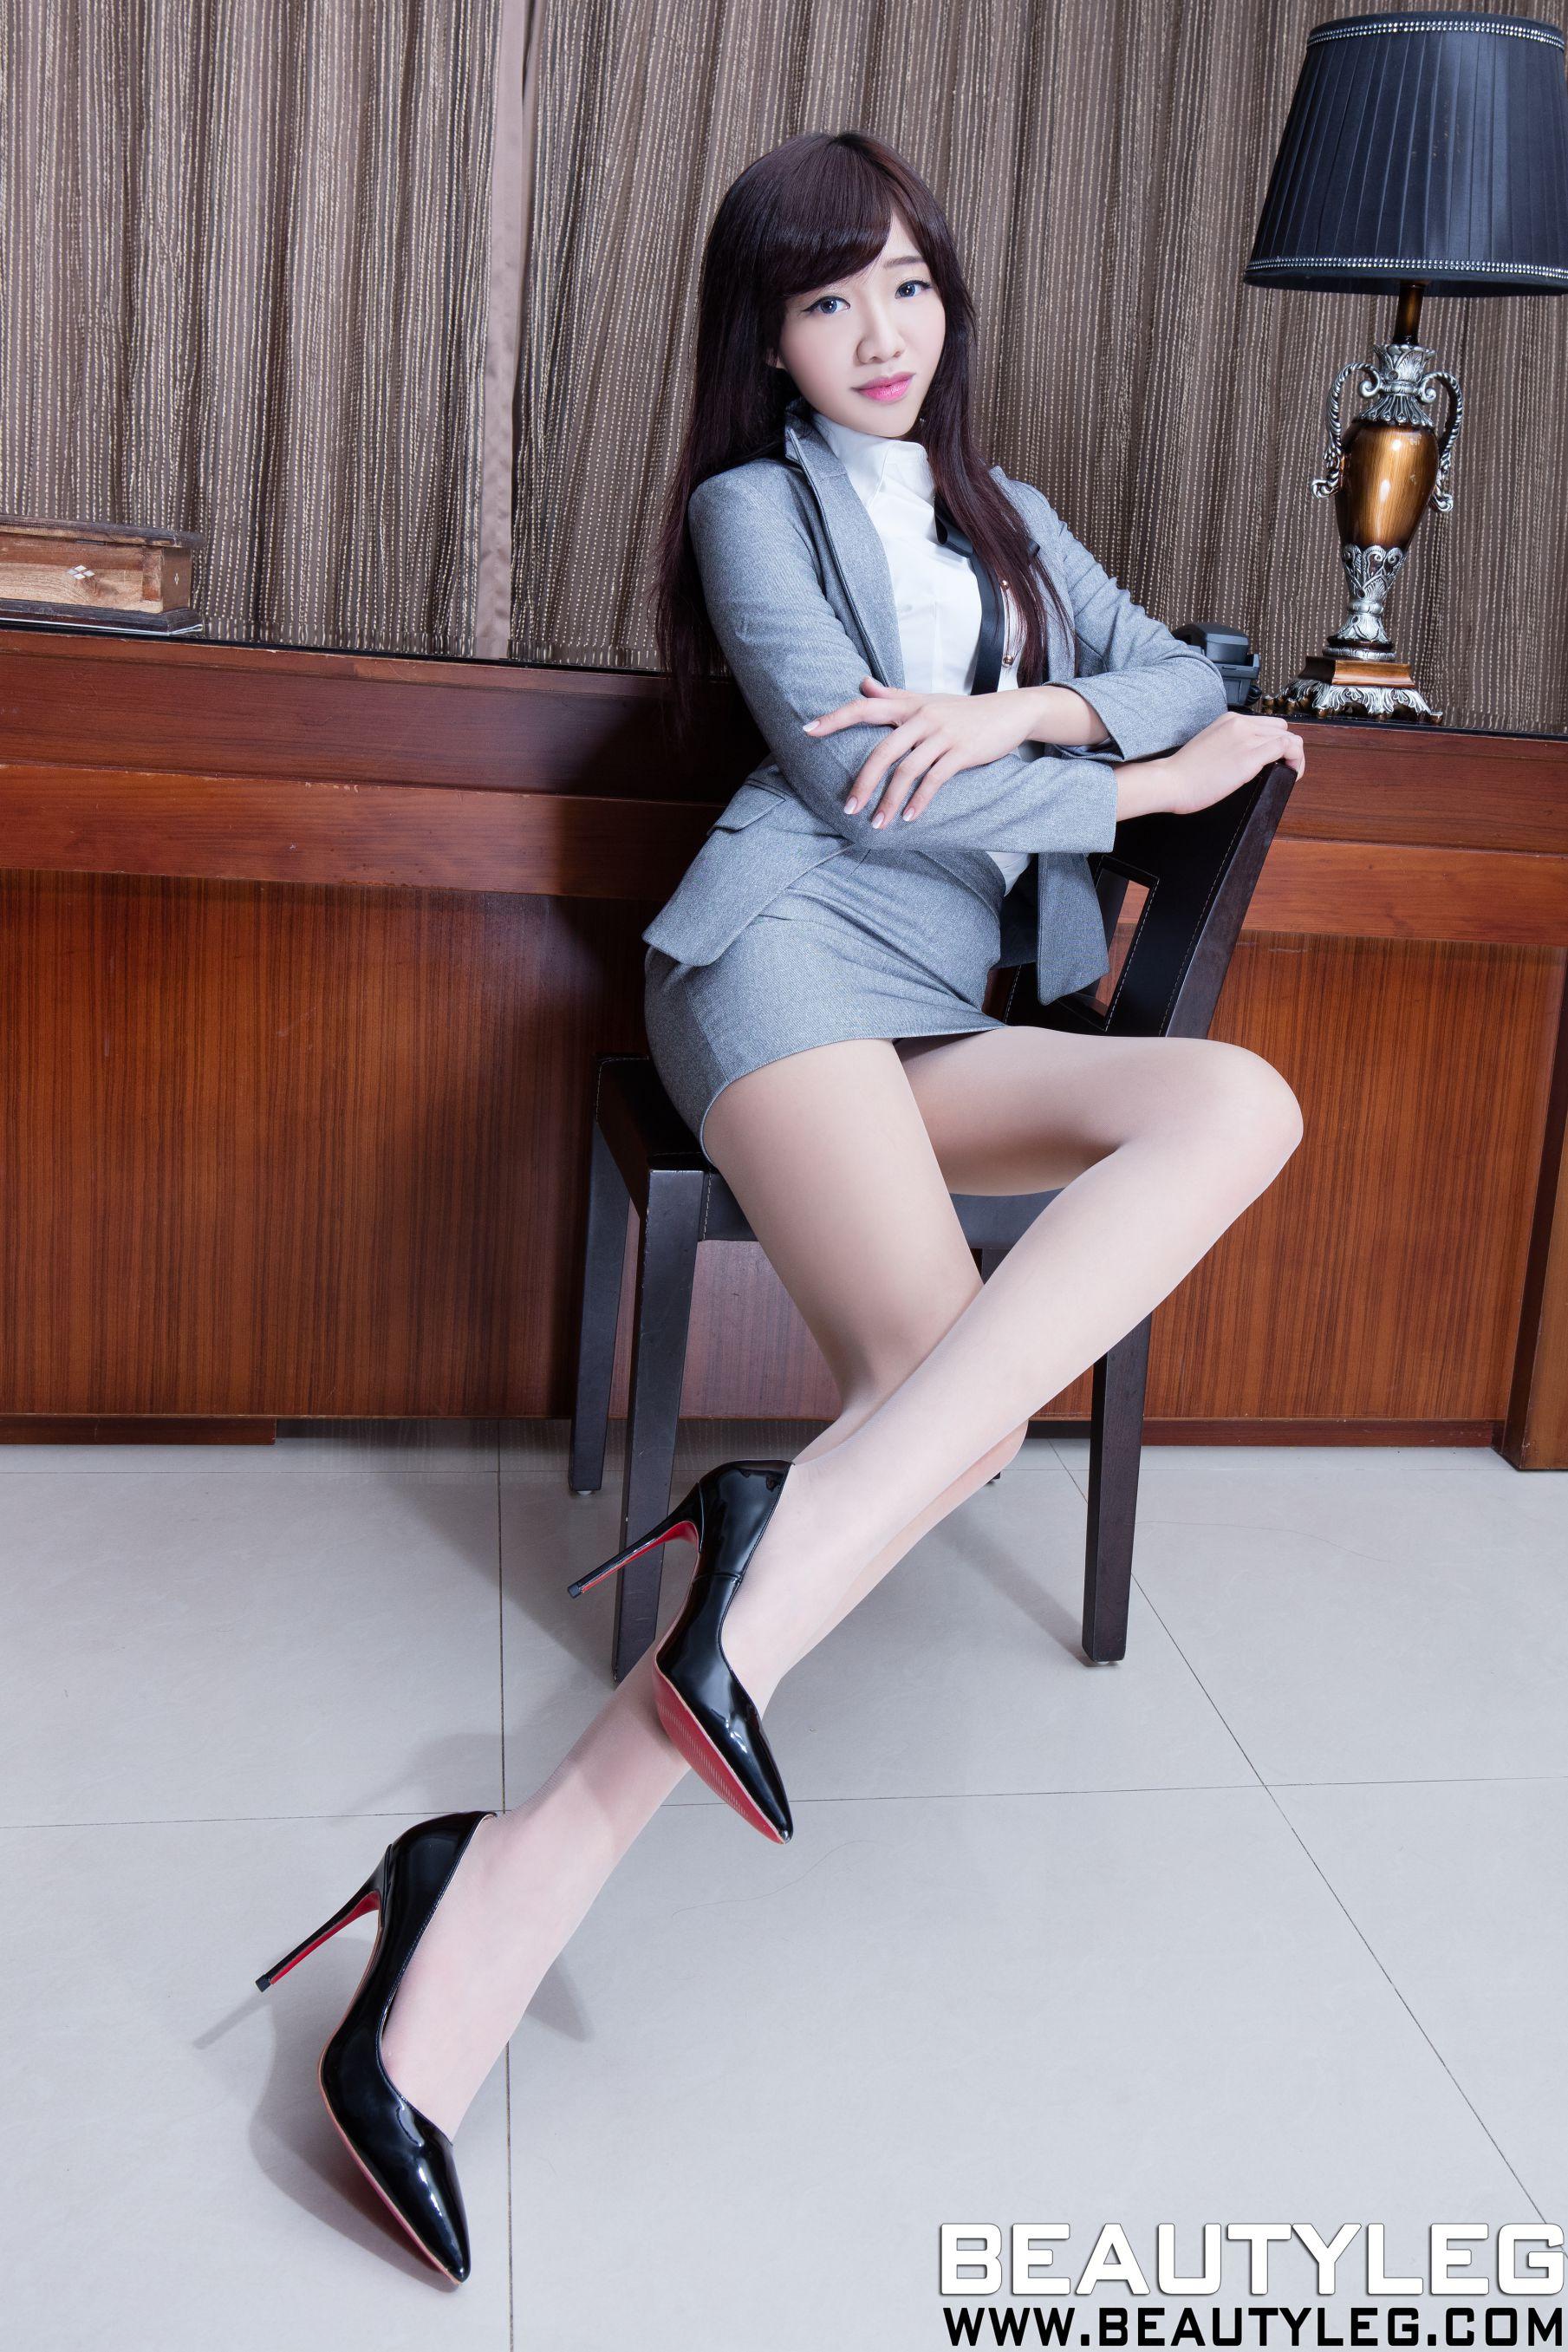 VOL.720 [Beautyleg]丝袜美腿:欣洁(腿模Celia)高品质写真套图(46P)